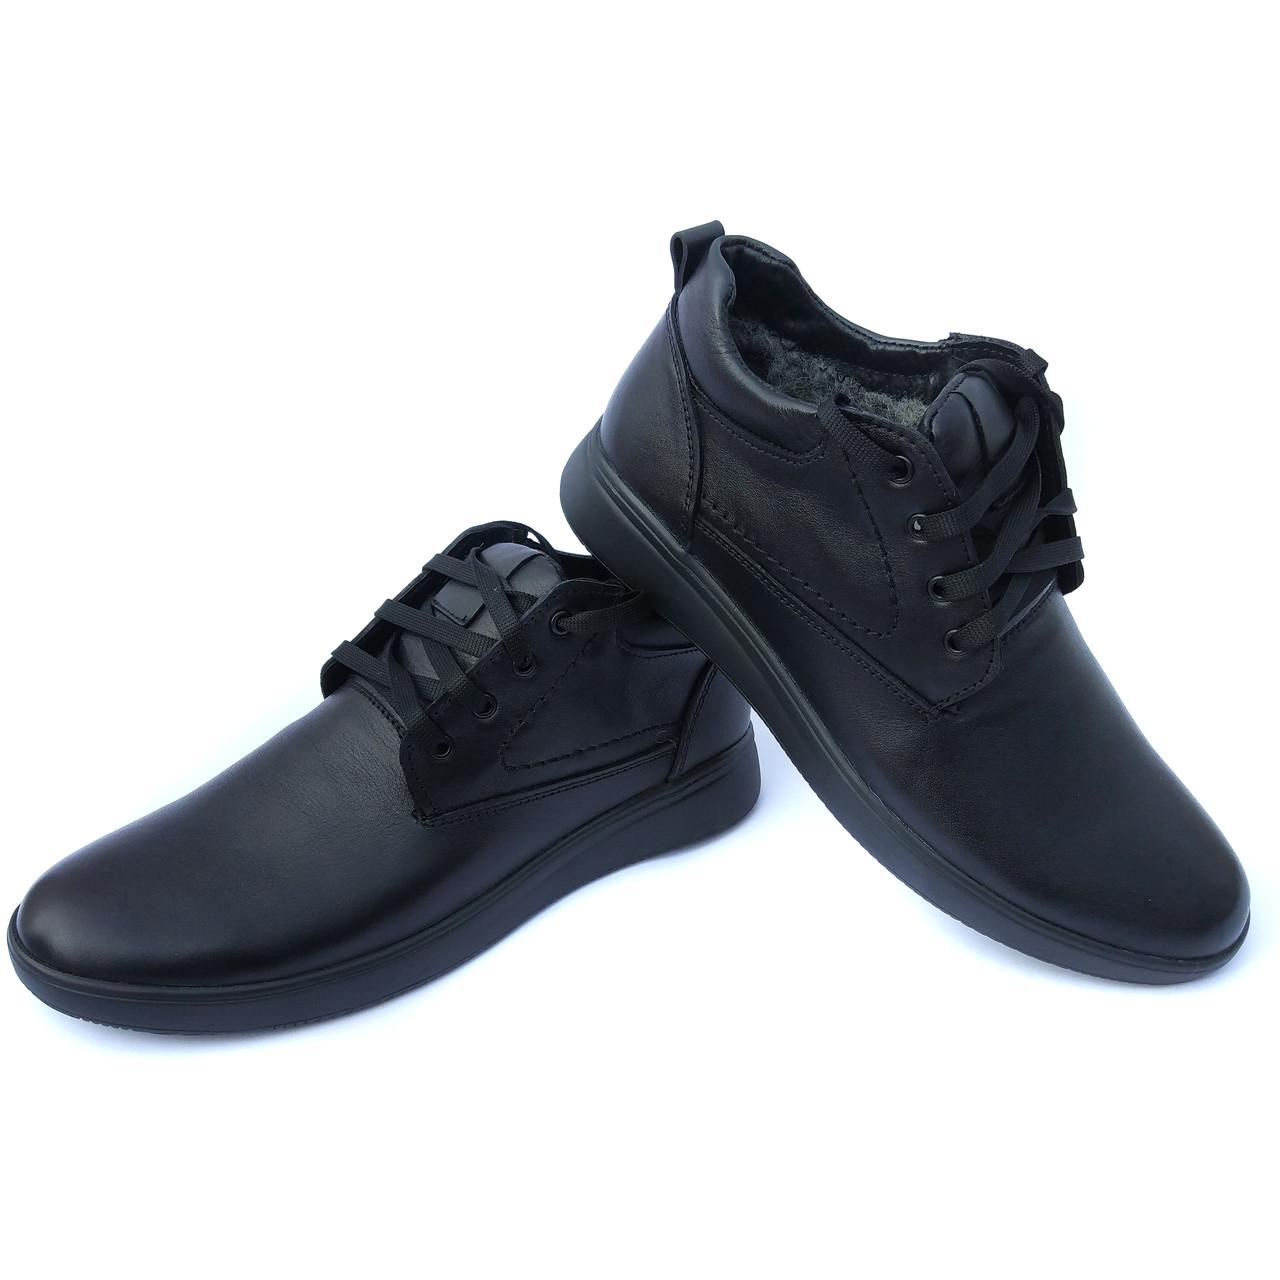 Обувь производства Харьков  зимние мужские полуботинки, кожаные, черного  цвета, на шерсти, 4ad51a6f1c1